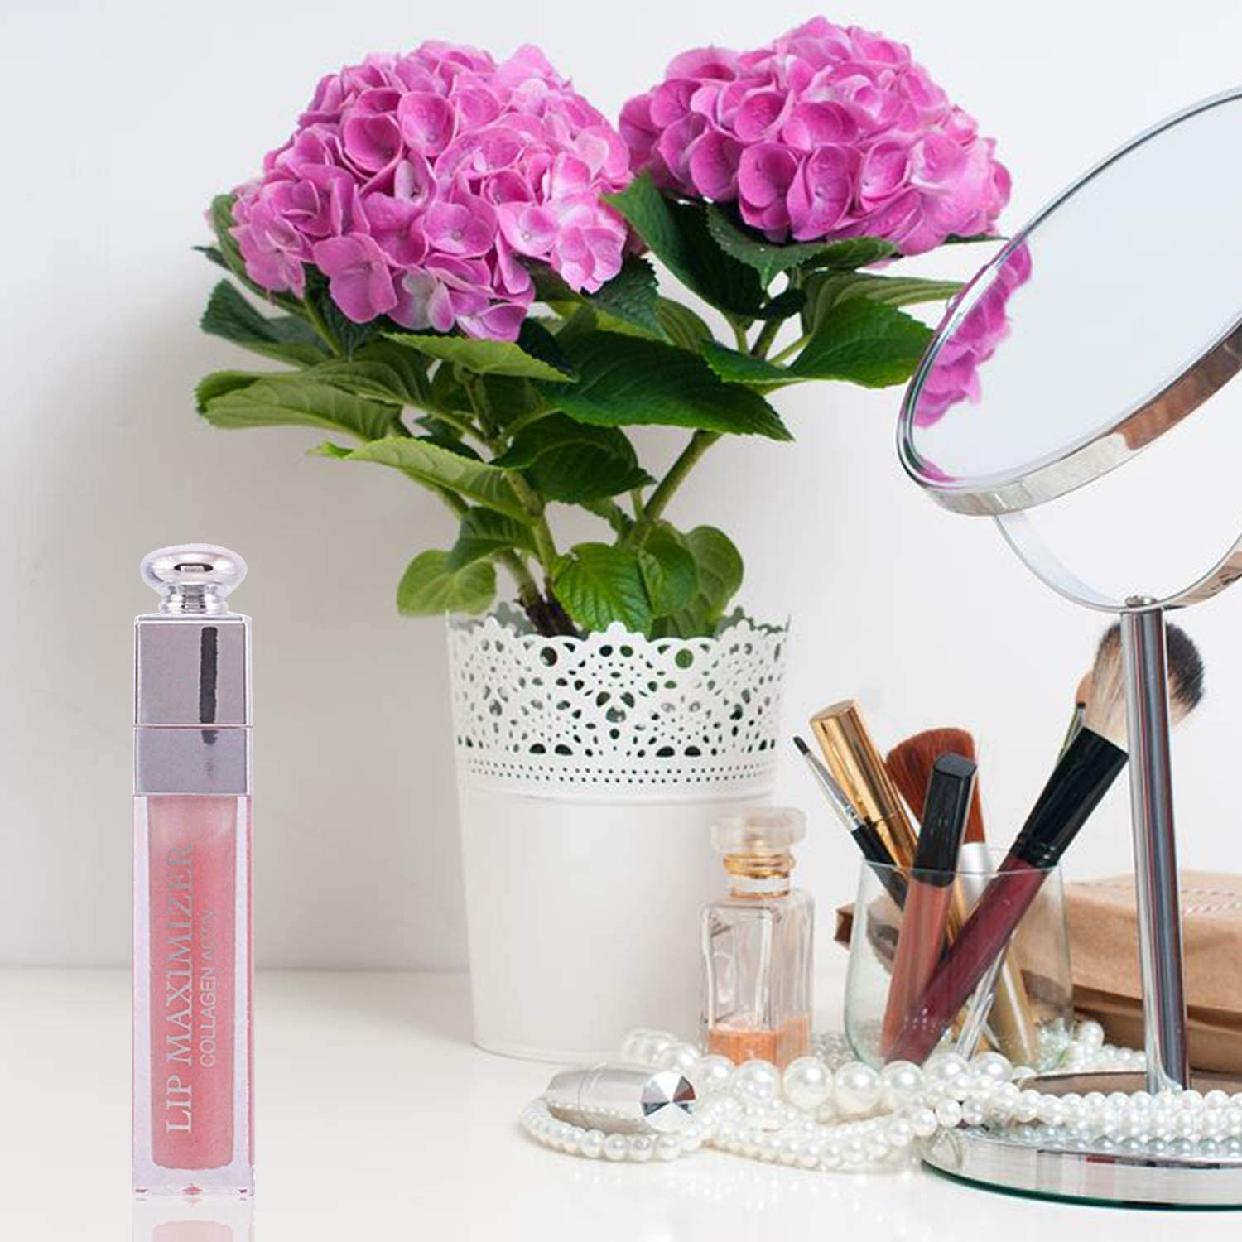 Dior(ディオール) アディクト リップ マキシマイザーの商品画像6